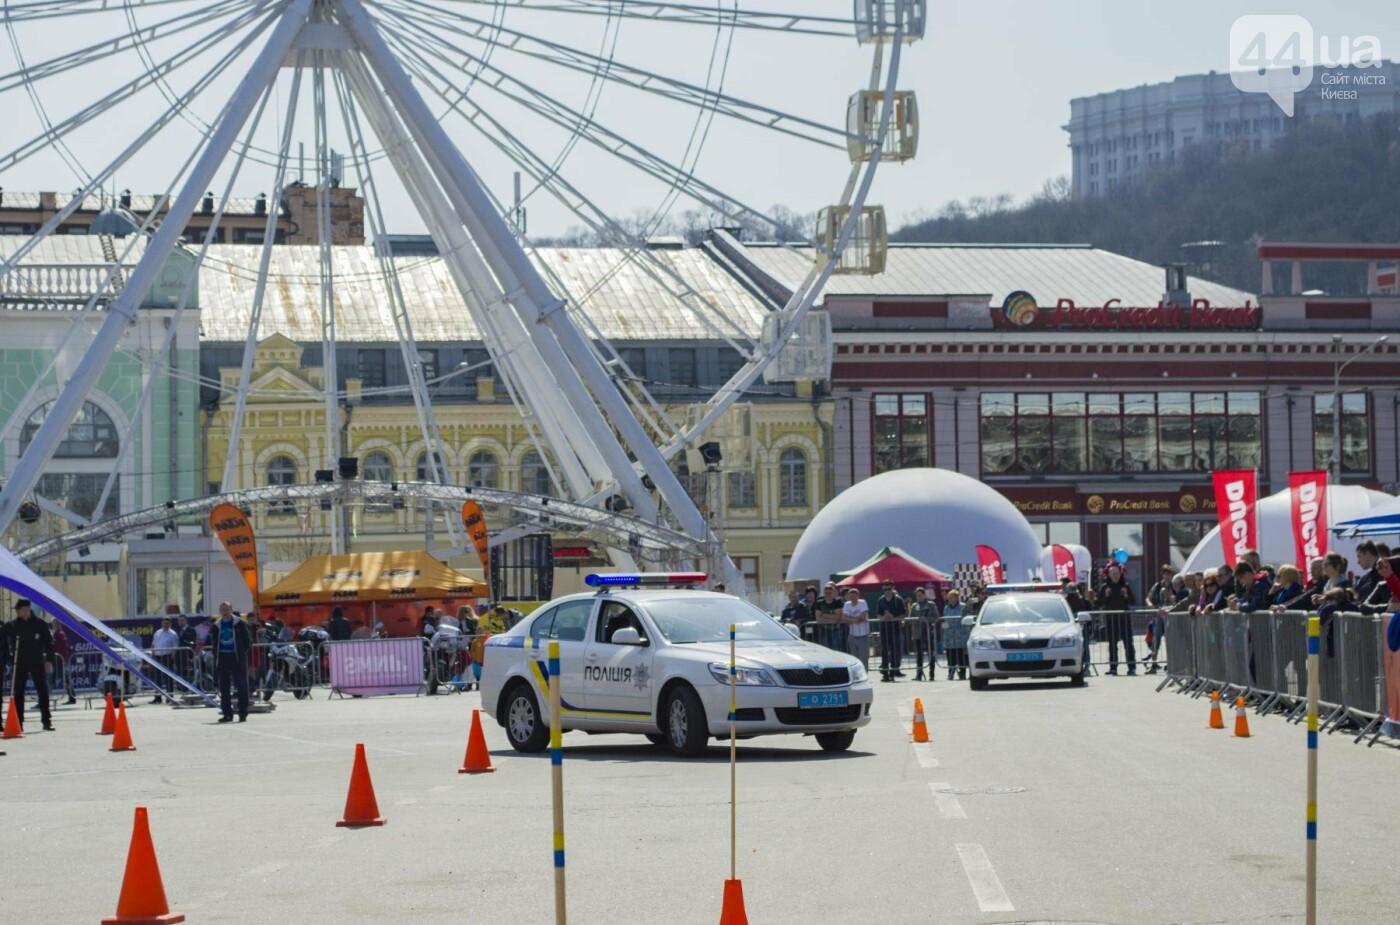 Мотогонки, автошоу патрульных и мощный дрифт: на Подоле проходит масштабный фестиваль драйва, фото-19